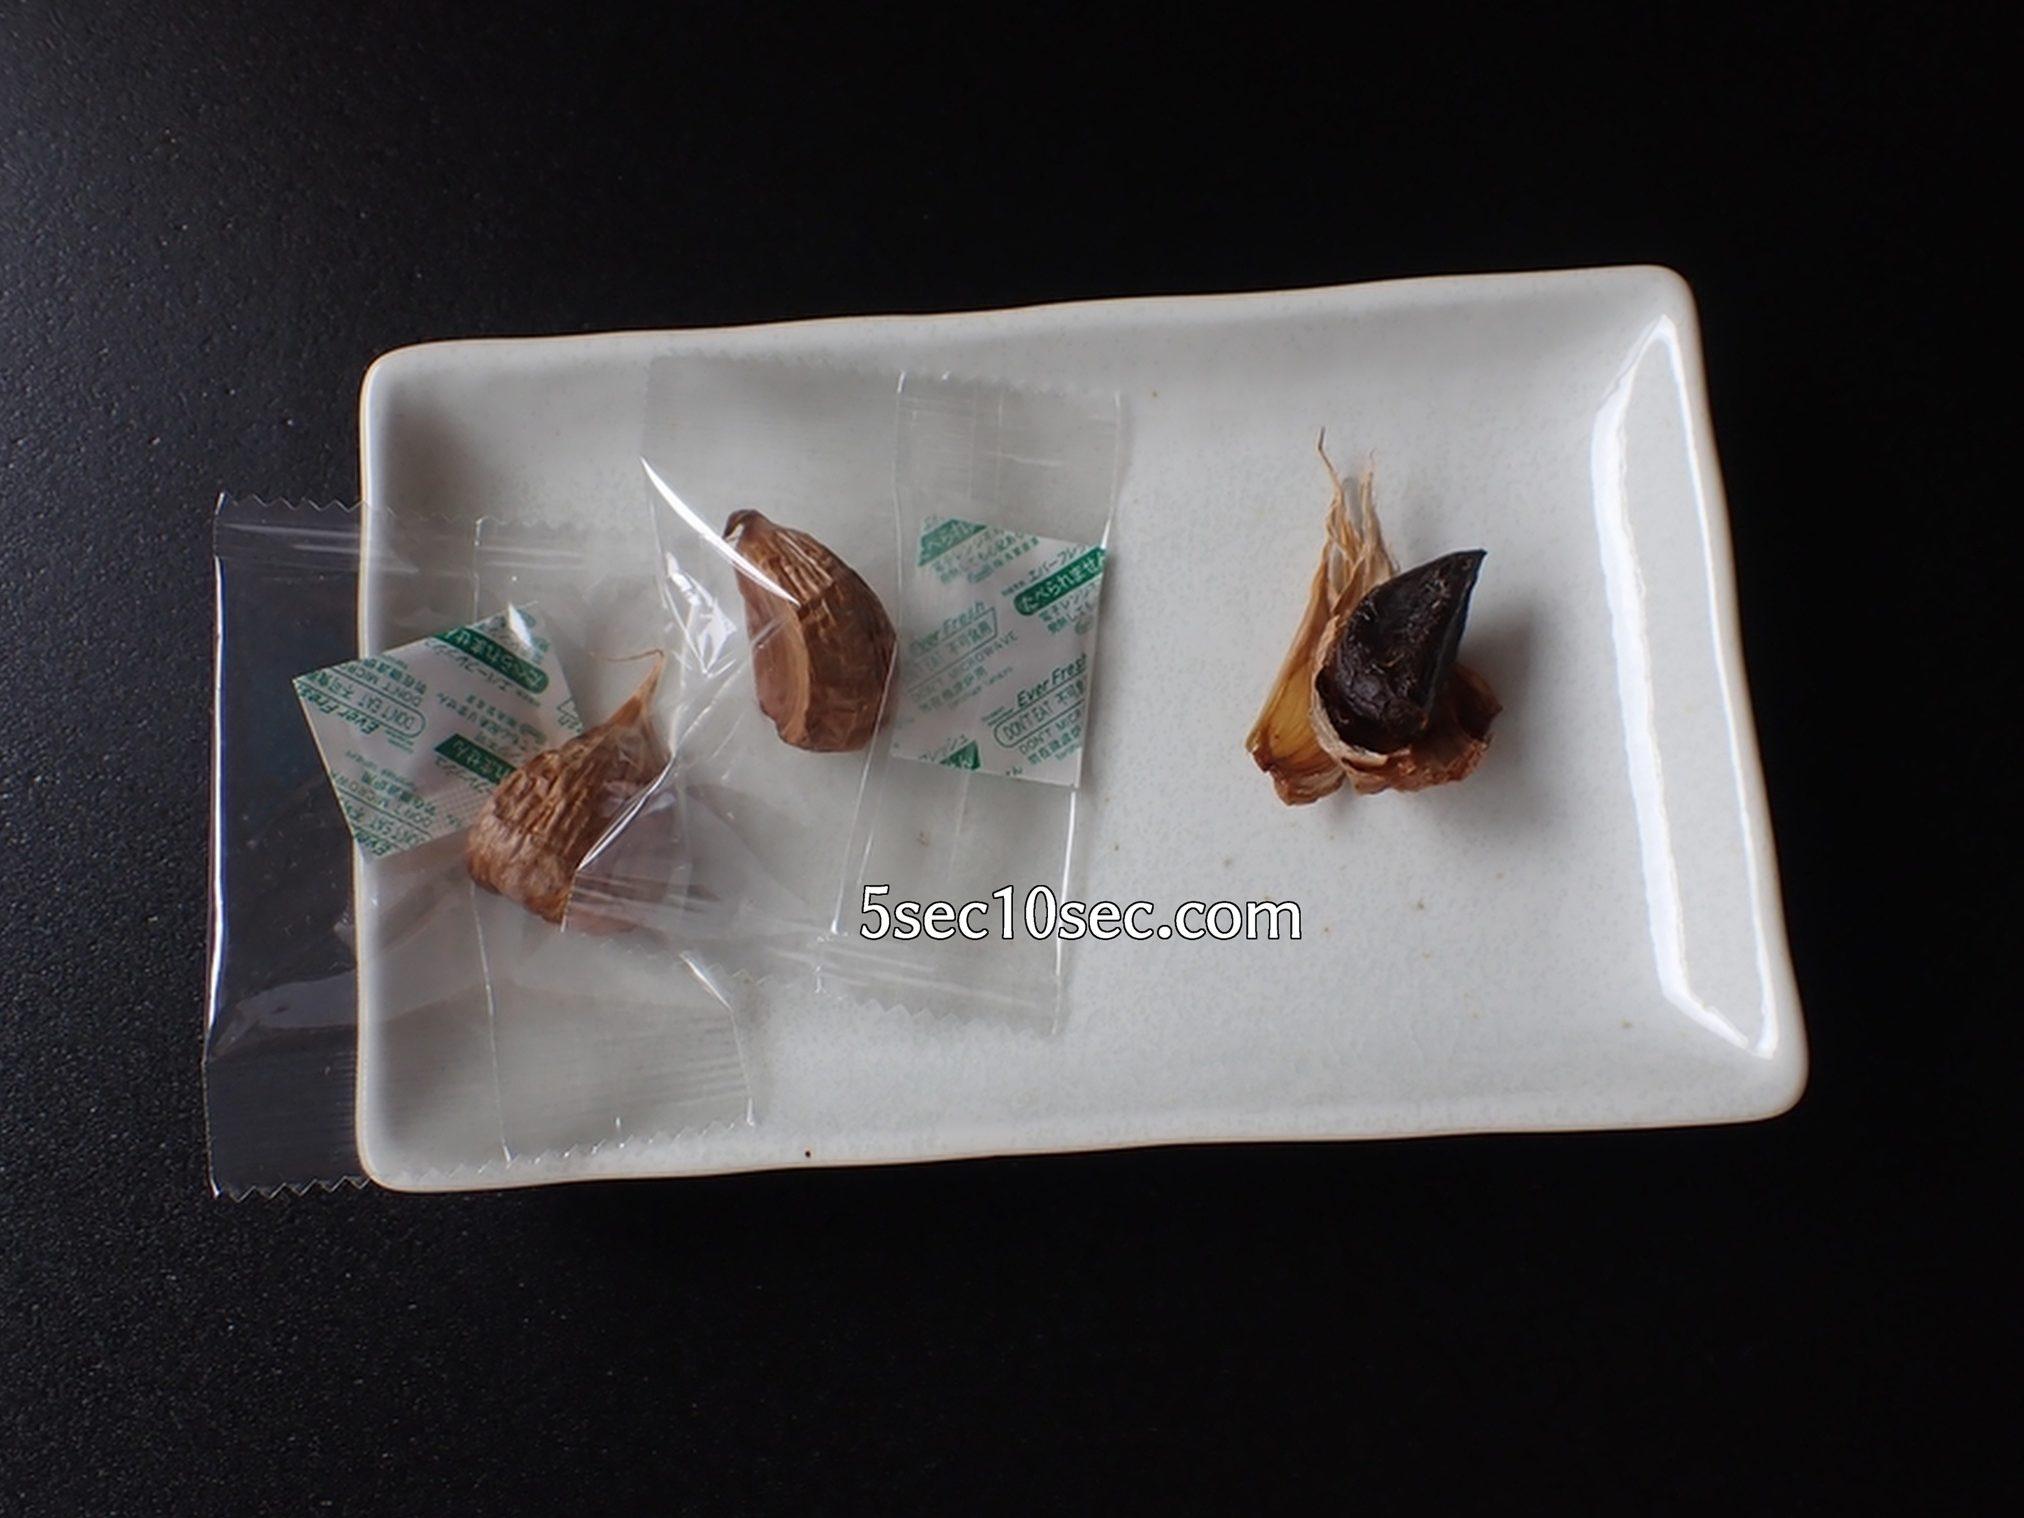 つぶくろ 松尾農園の黒にんにくは海洋深層水使用で、ふっくらやわらかく甘い